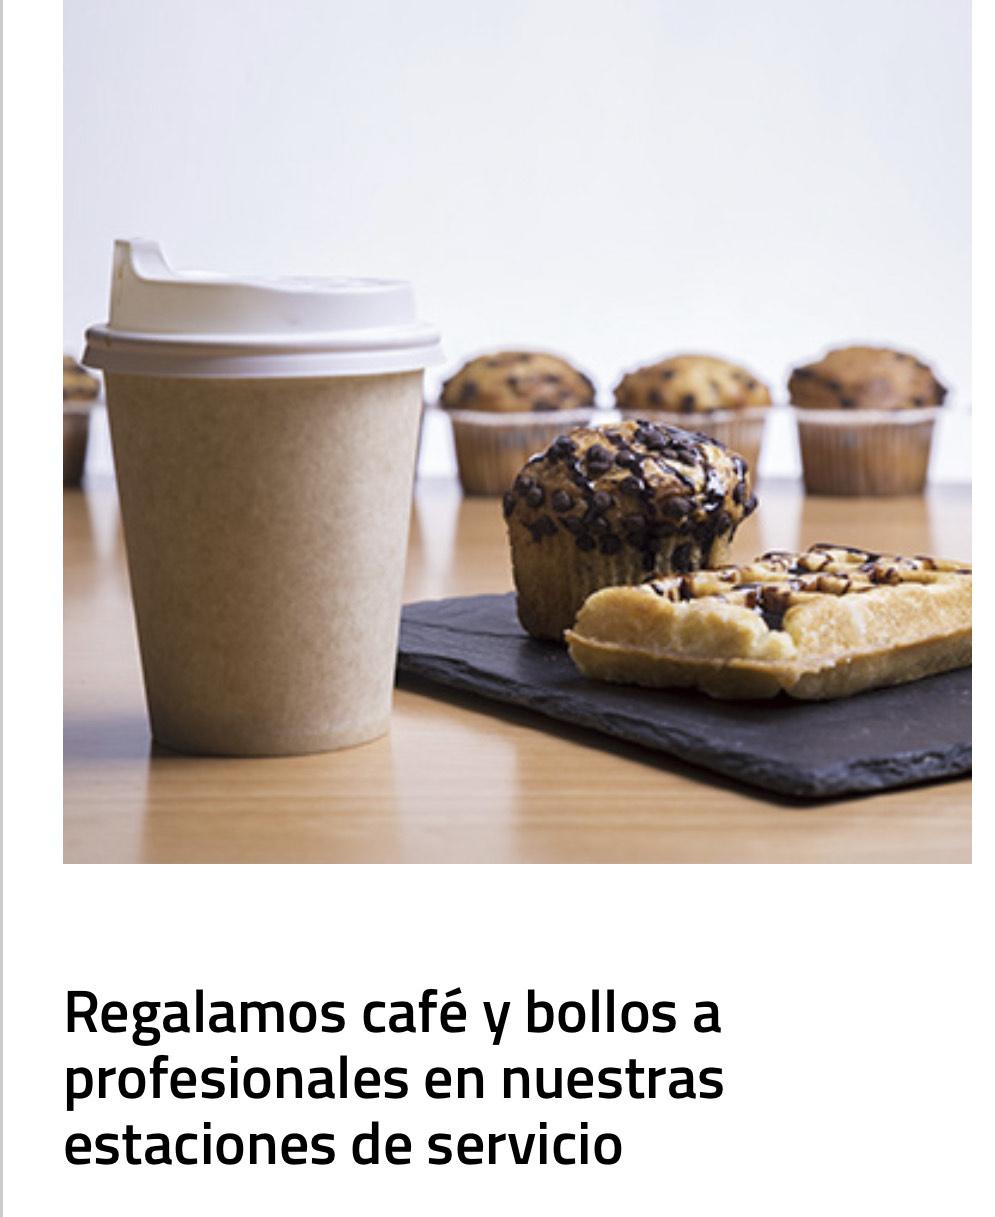 Café y bollos gratis a Sanitarios, Fuerzas y cuerpos de seguridad, camioneros, etc.